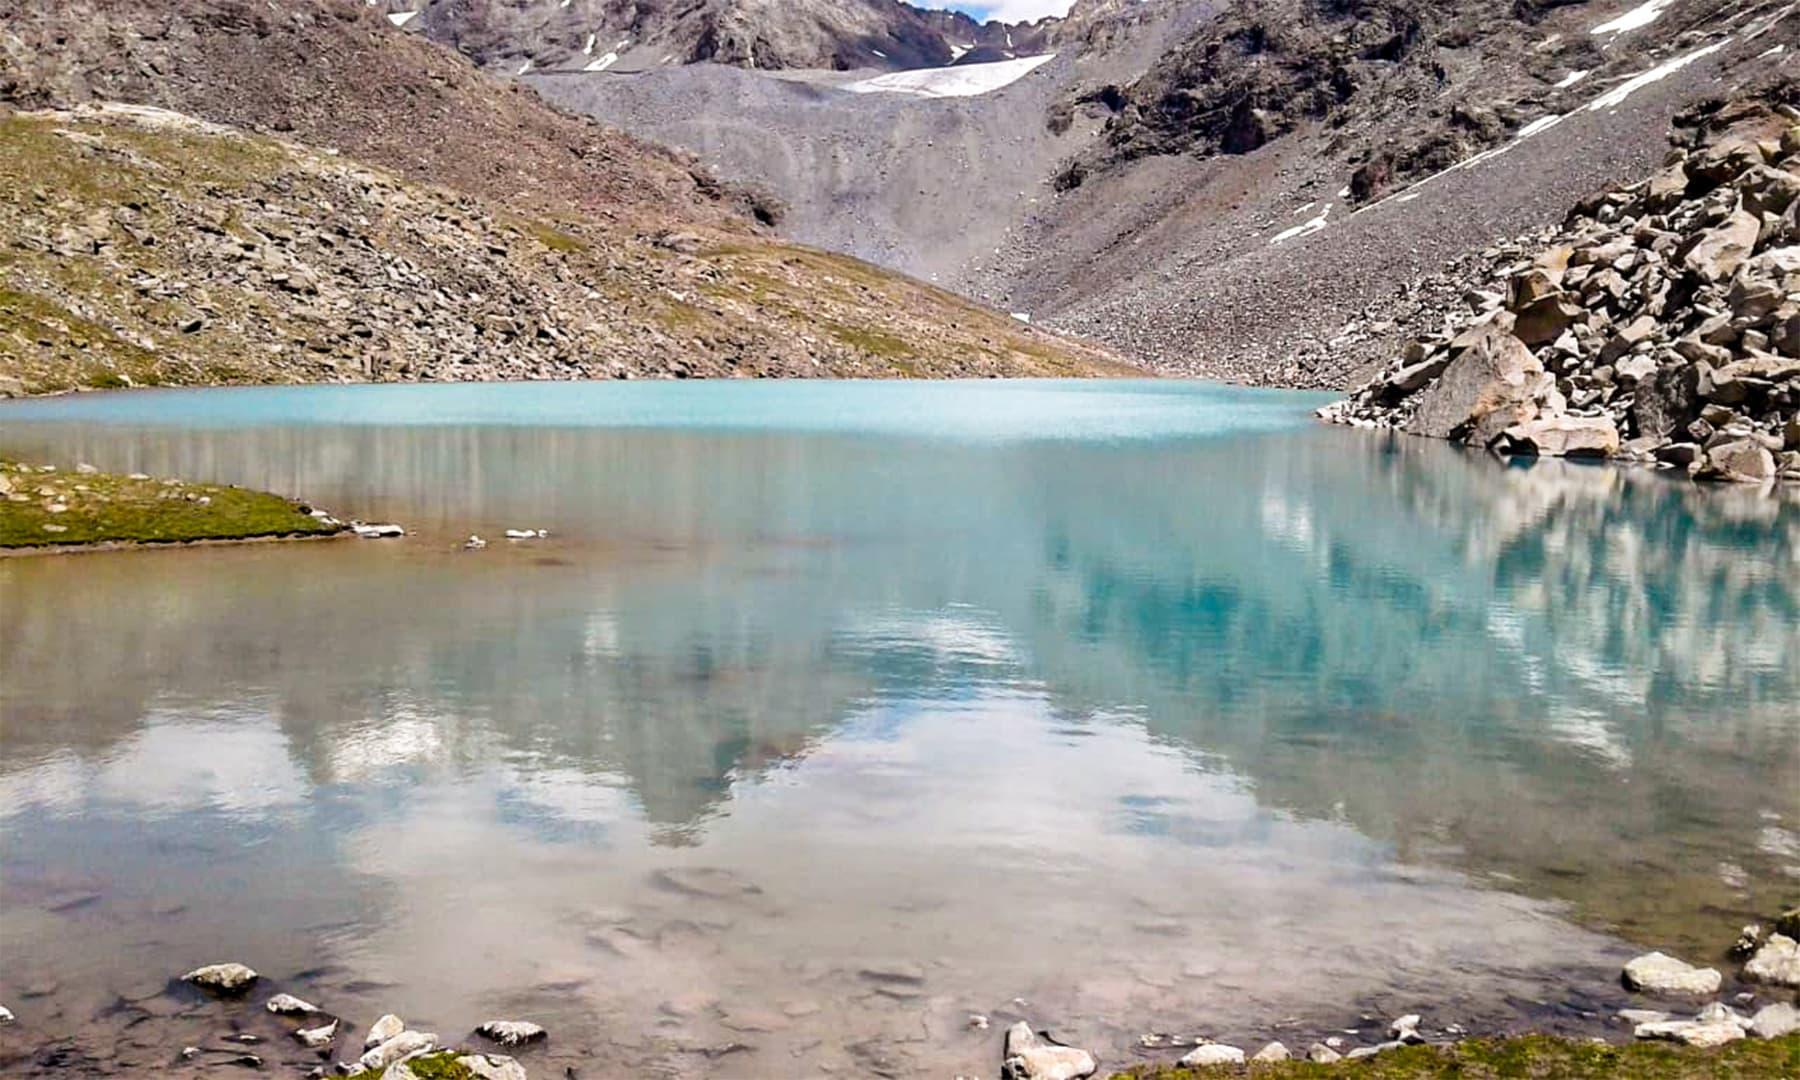 خپلو کی جانب بڑھتے ہوئے غوریشی جھیل کے بعد سب سے پہلے سپنگ رینگ جھیل کا نظارہ ملتا ہے